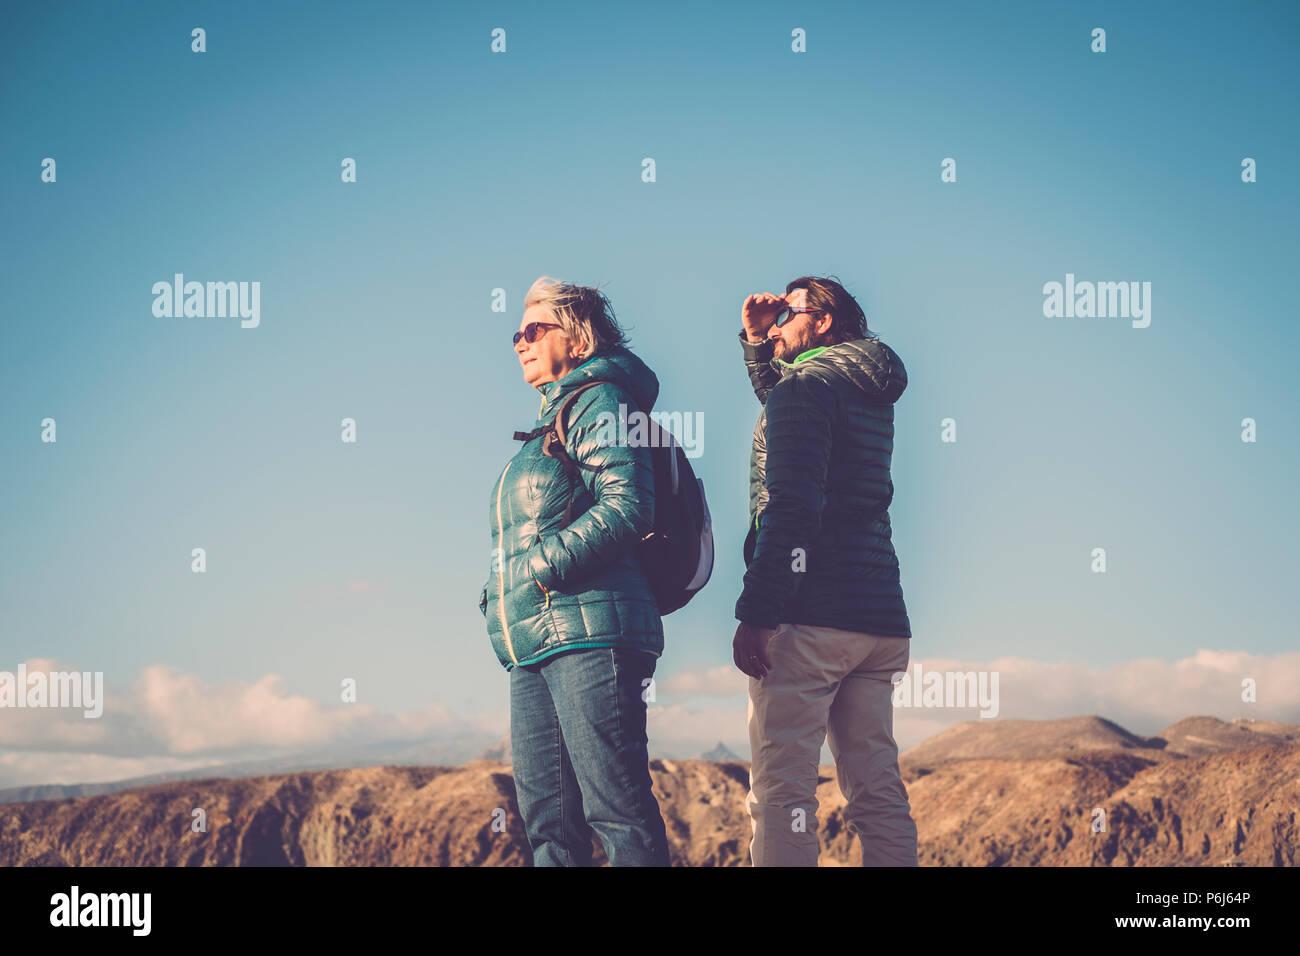 Deux âges différents comme mère et fils marcher ensemble dans l'activité de trekking au sommet d'une montagne. loisirs randonnée en plein air les gens actifs dans la natur Photo Stock